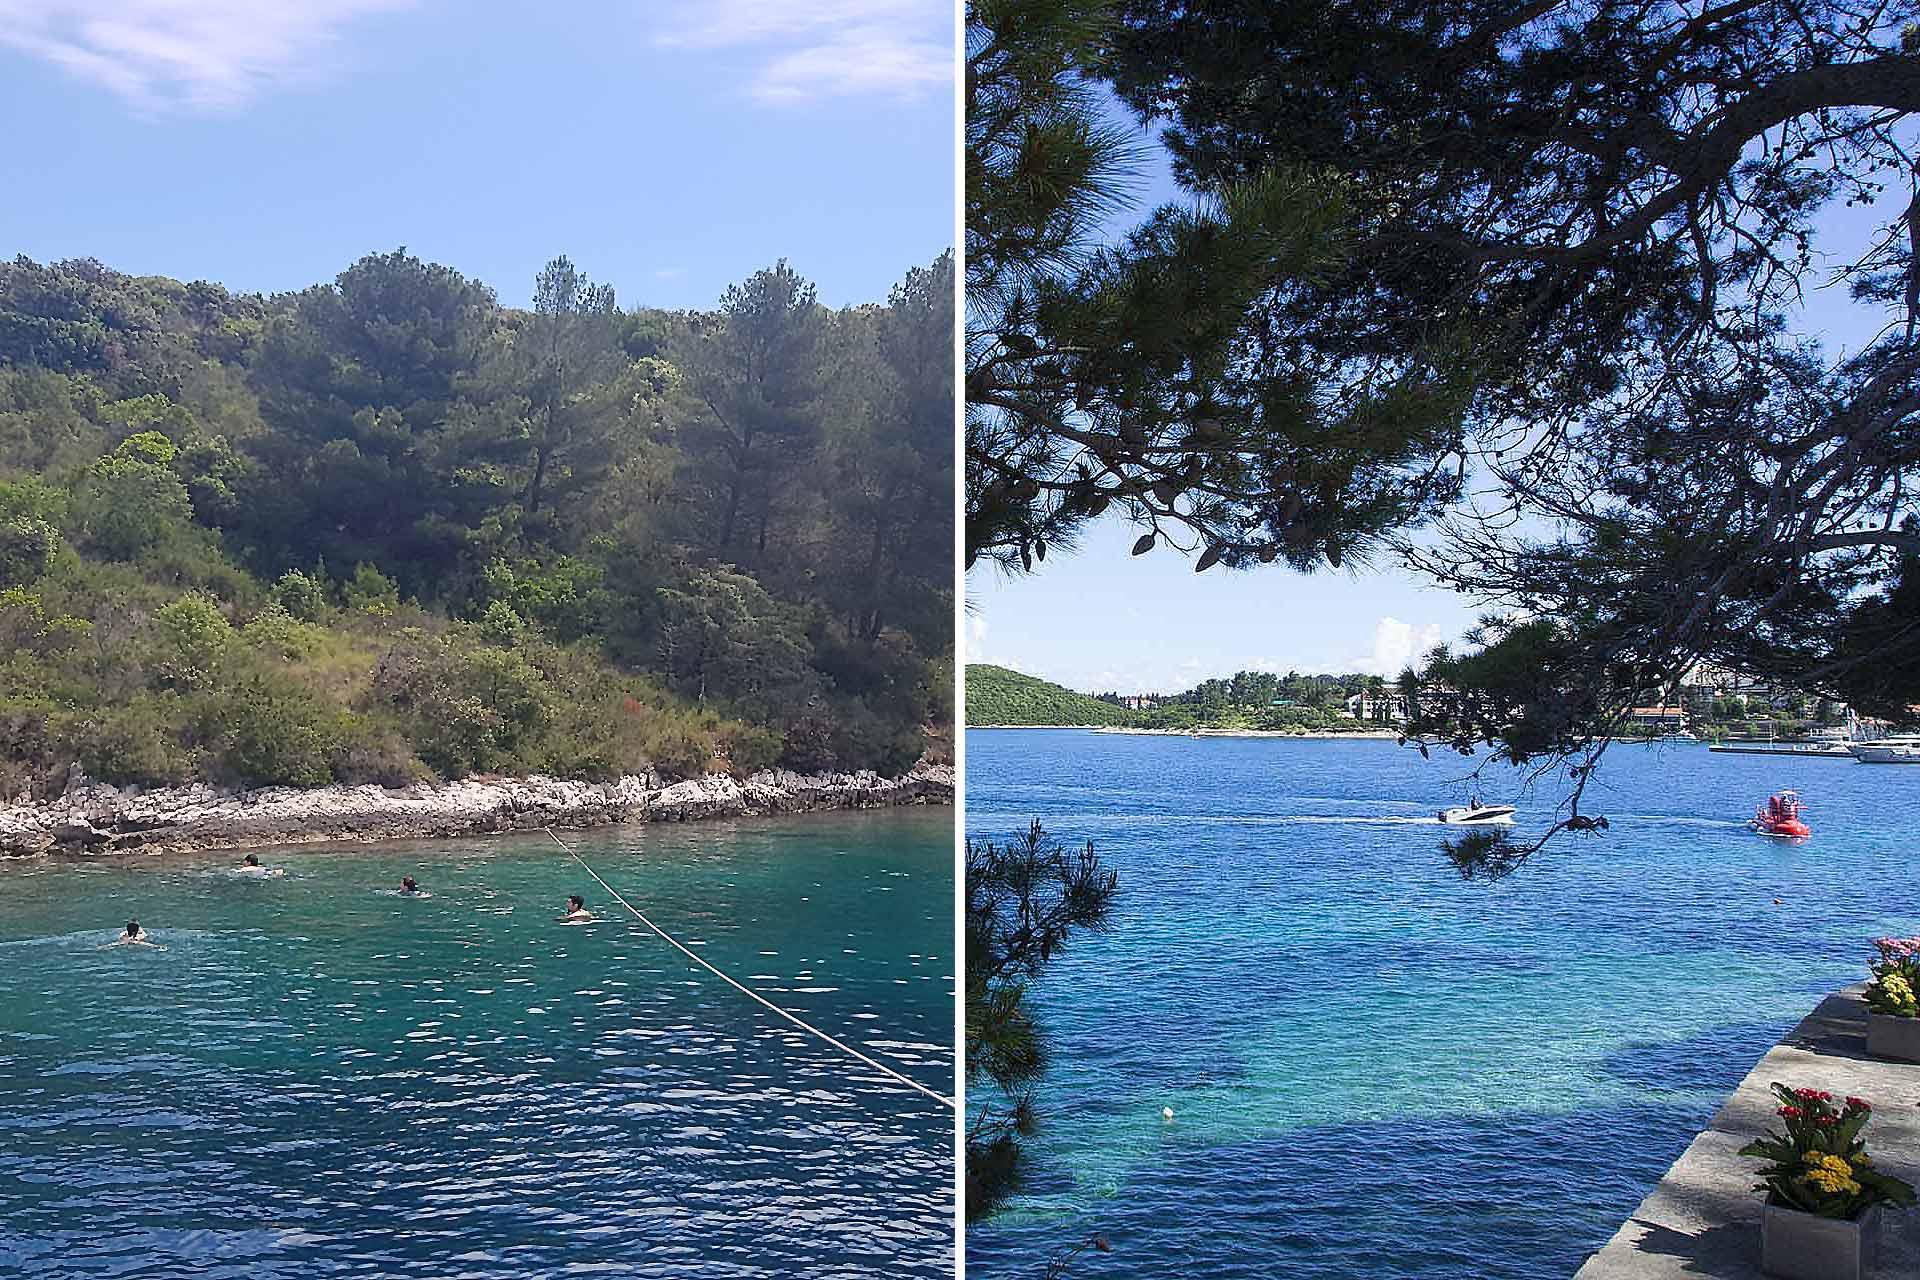 croazia, crociera in barca, korcula